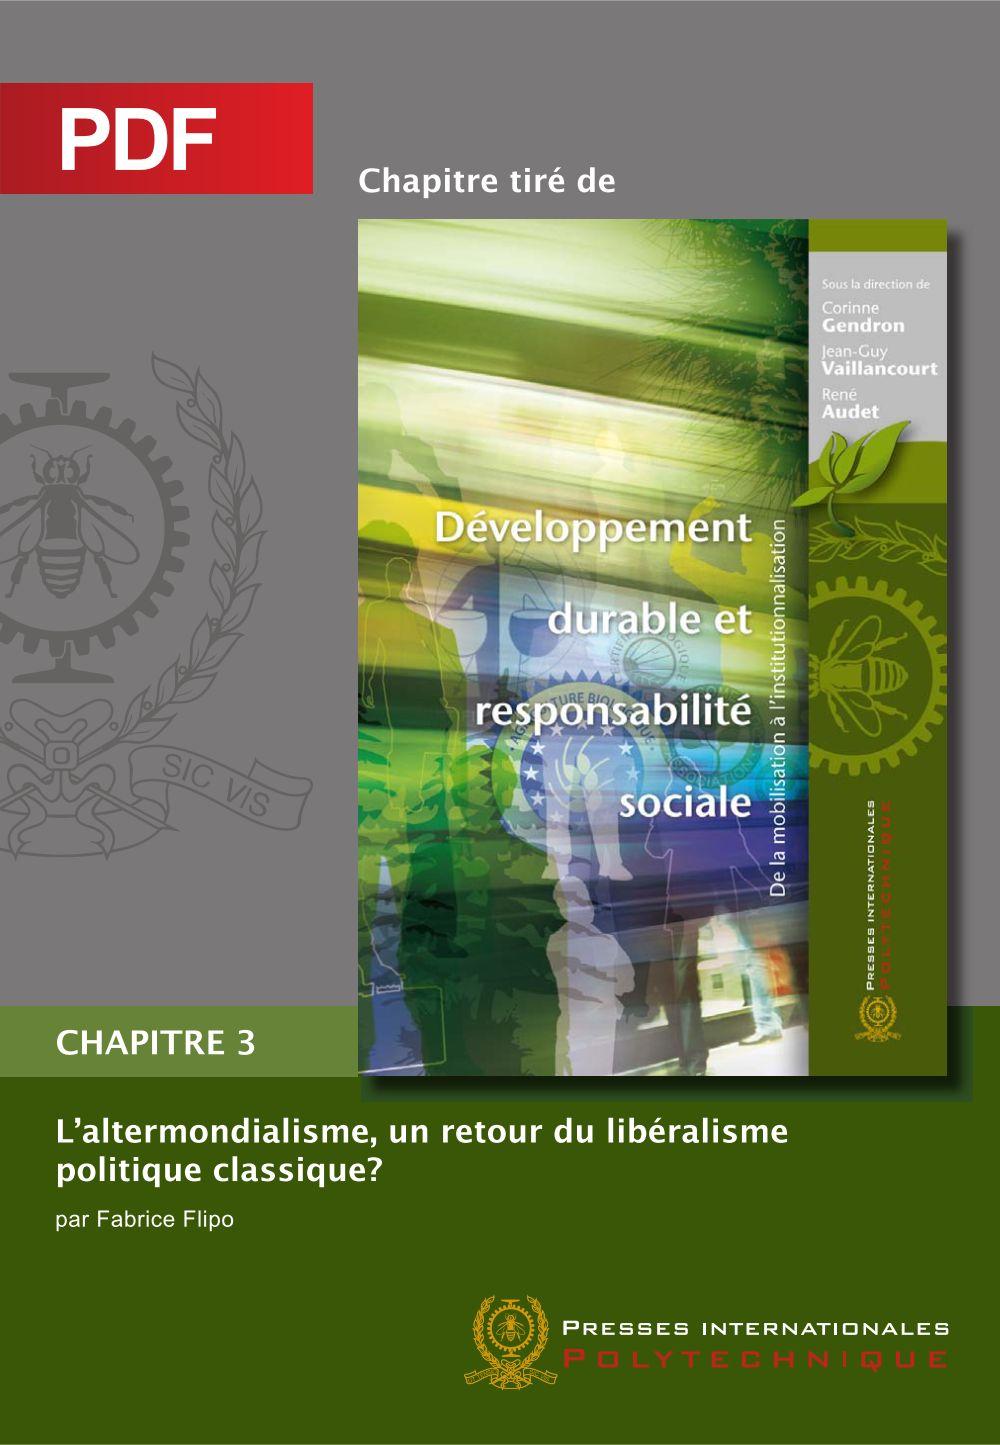 L'altermondialisme, un retour du libéralisme politique classique? (Chapitre PDF)